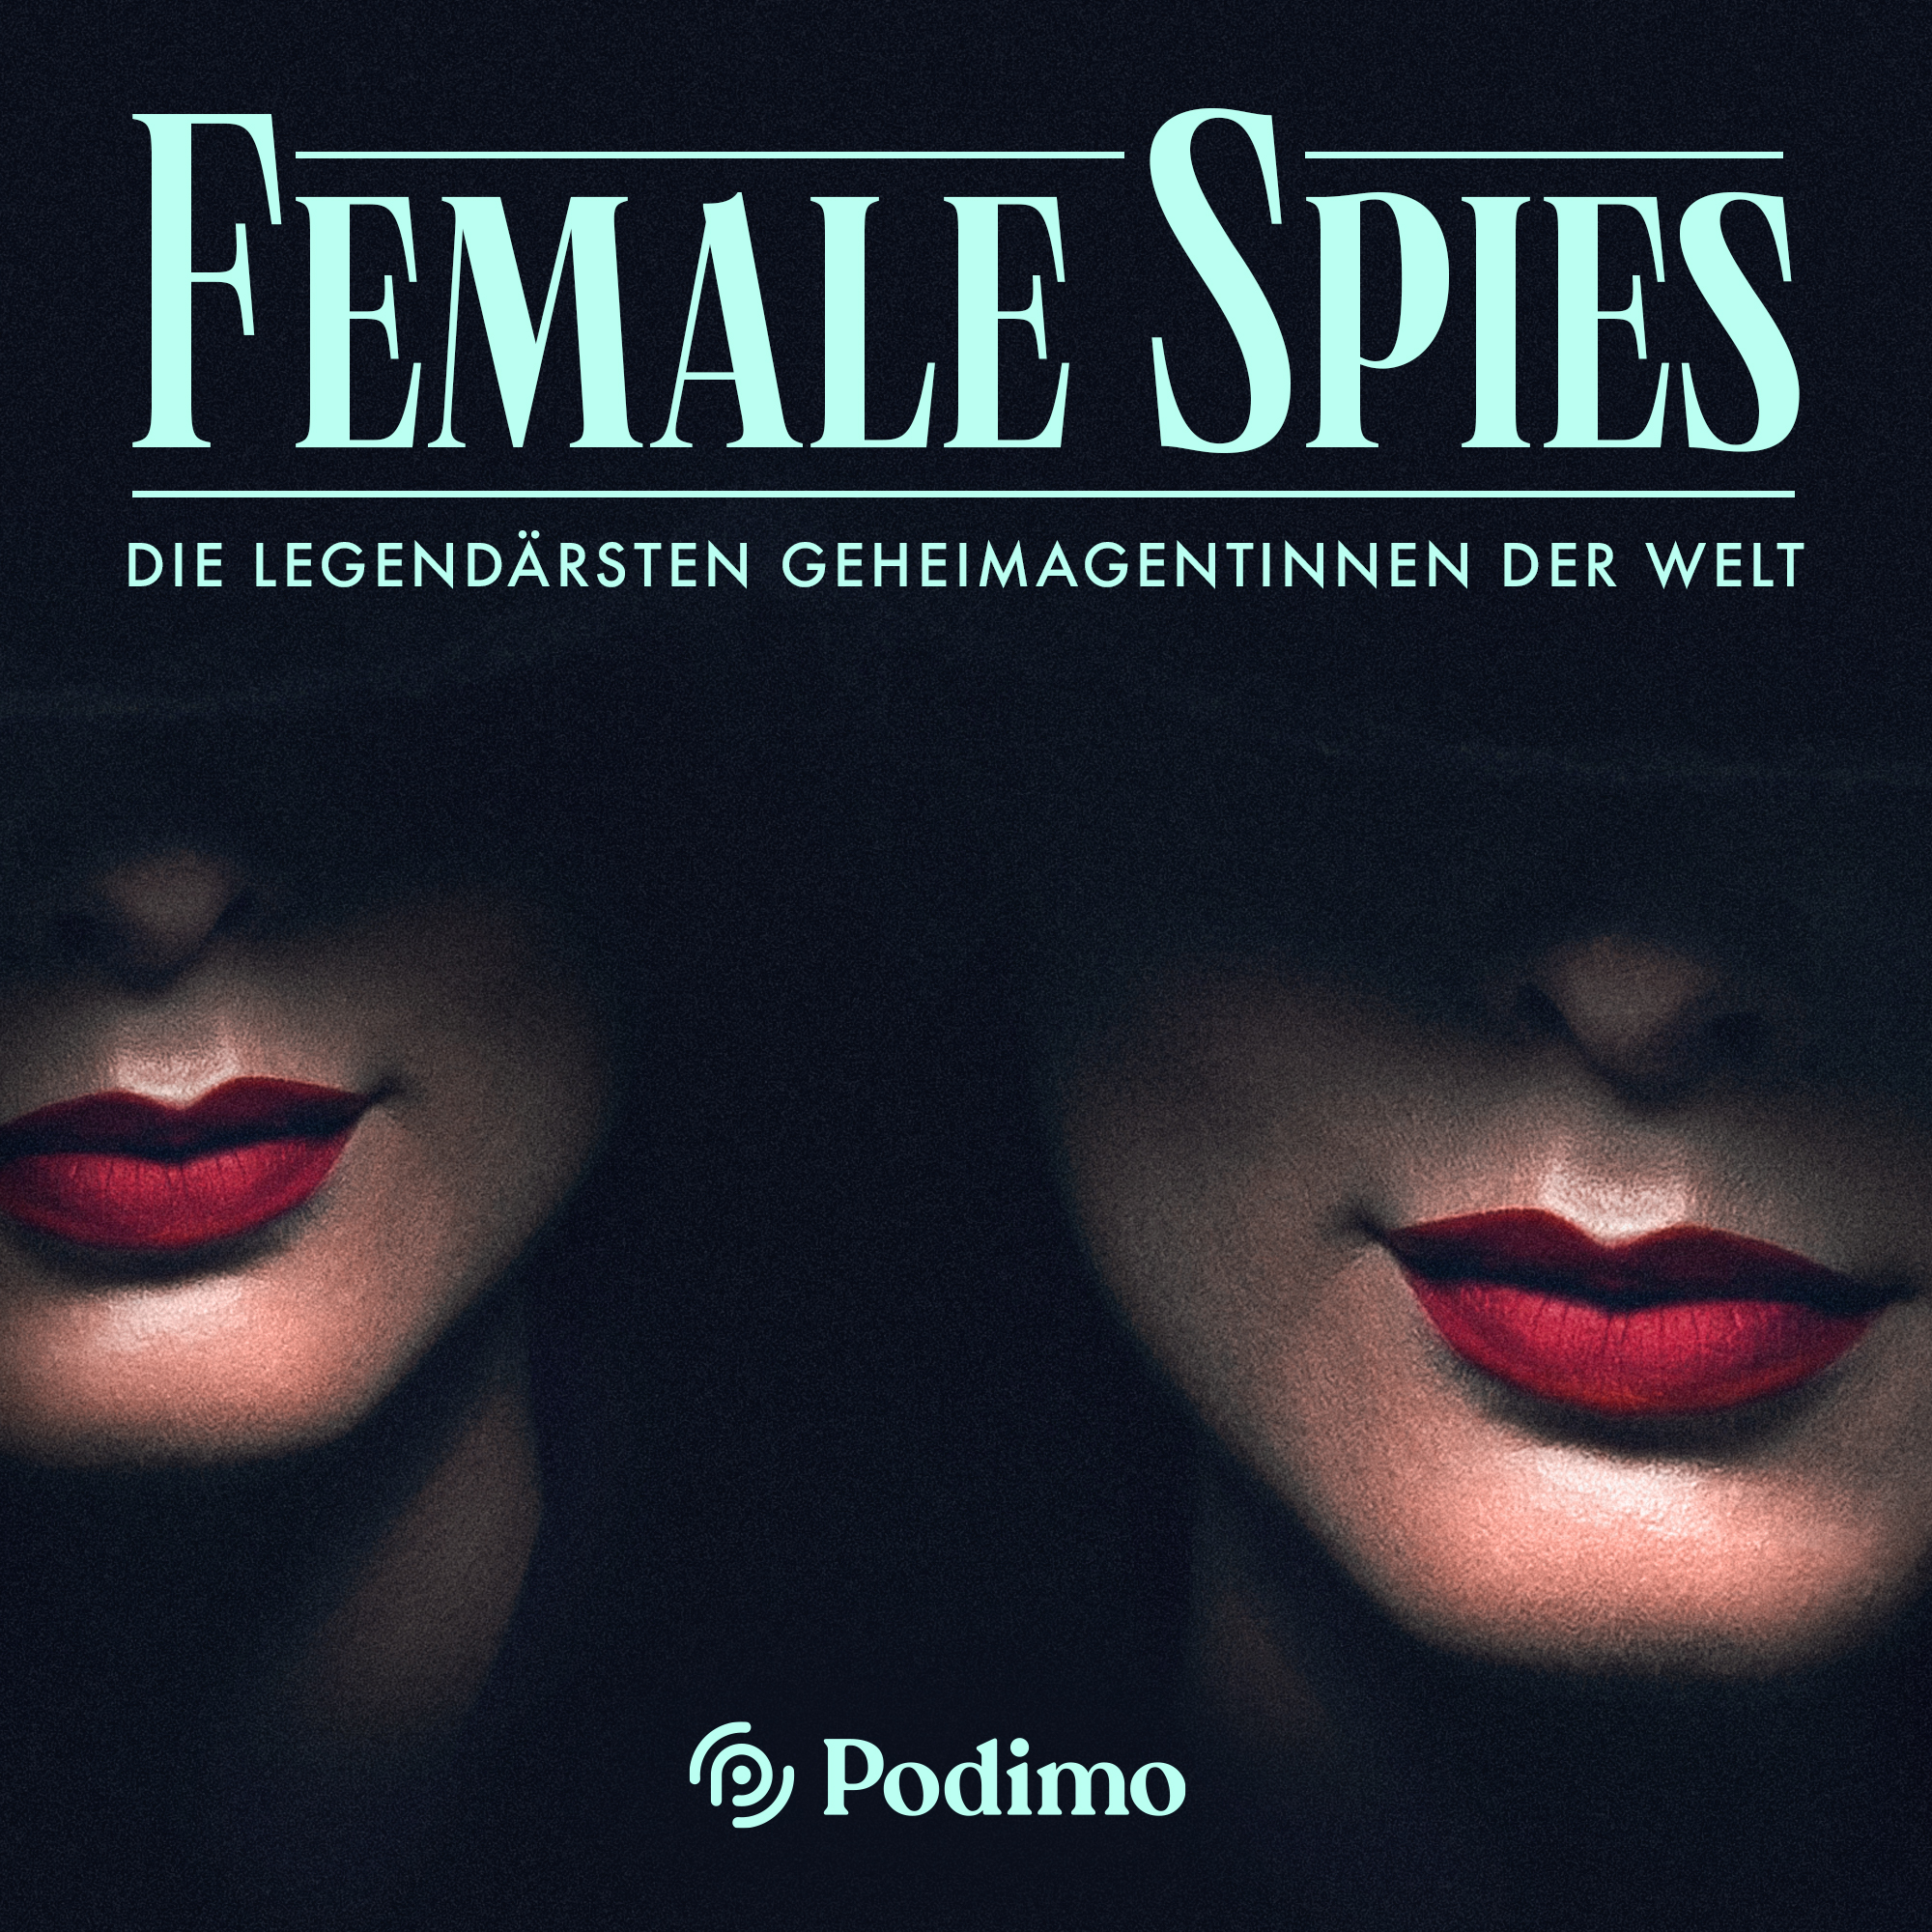 CA-Female_spies-DE